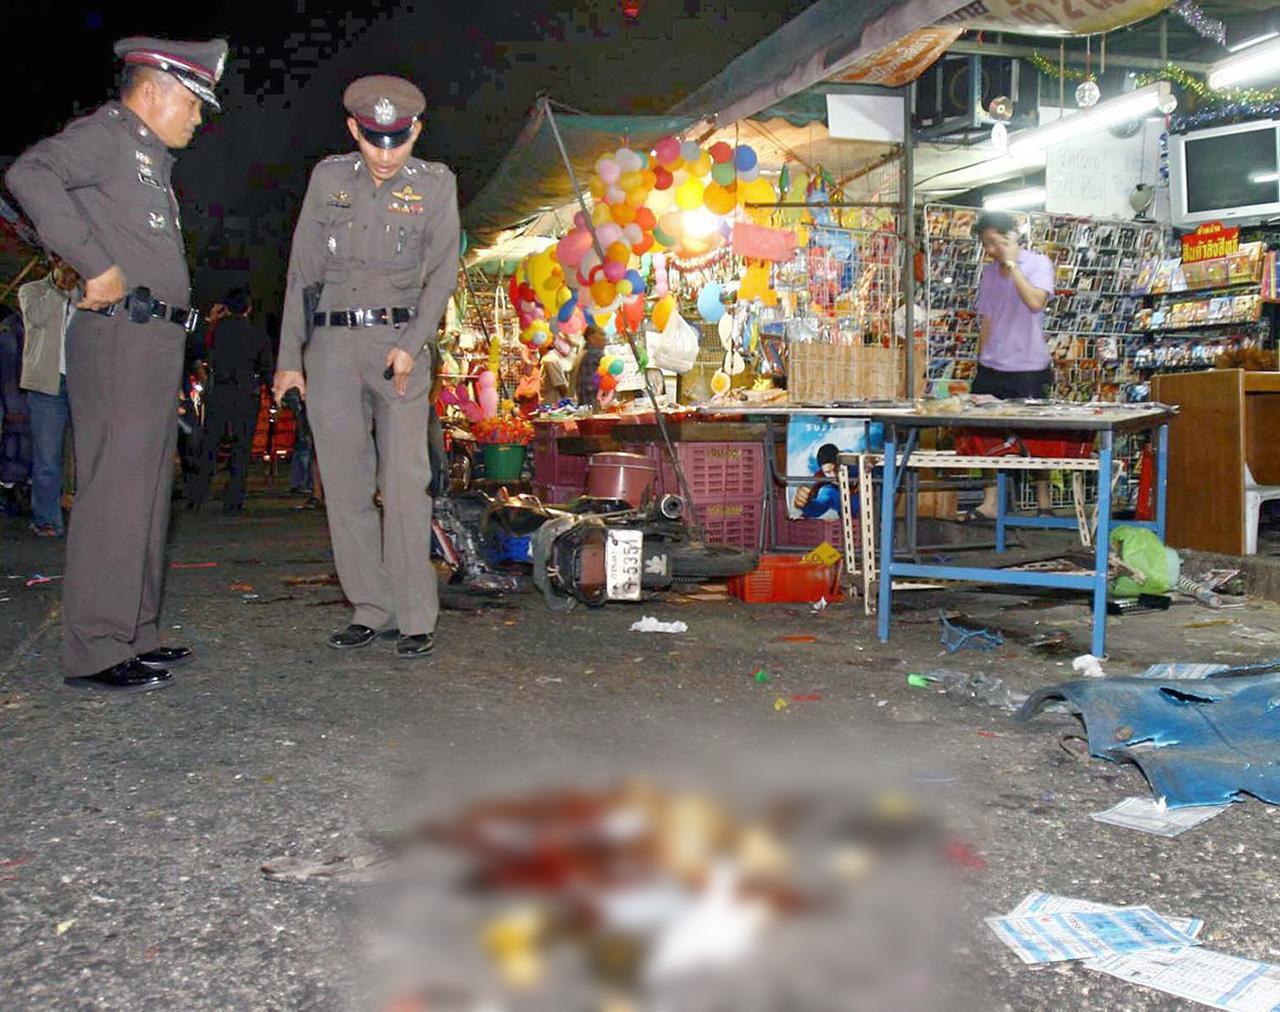 จุดที่ 3 เกิดระเบิดหน้าร้านขายซีดีและขายของชำ ตรงข้ามศาลเจ้าพ่อเสือ พื้นที่ สน.ท่าเรือ